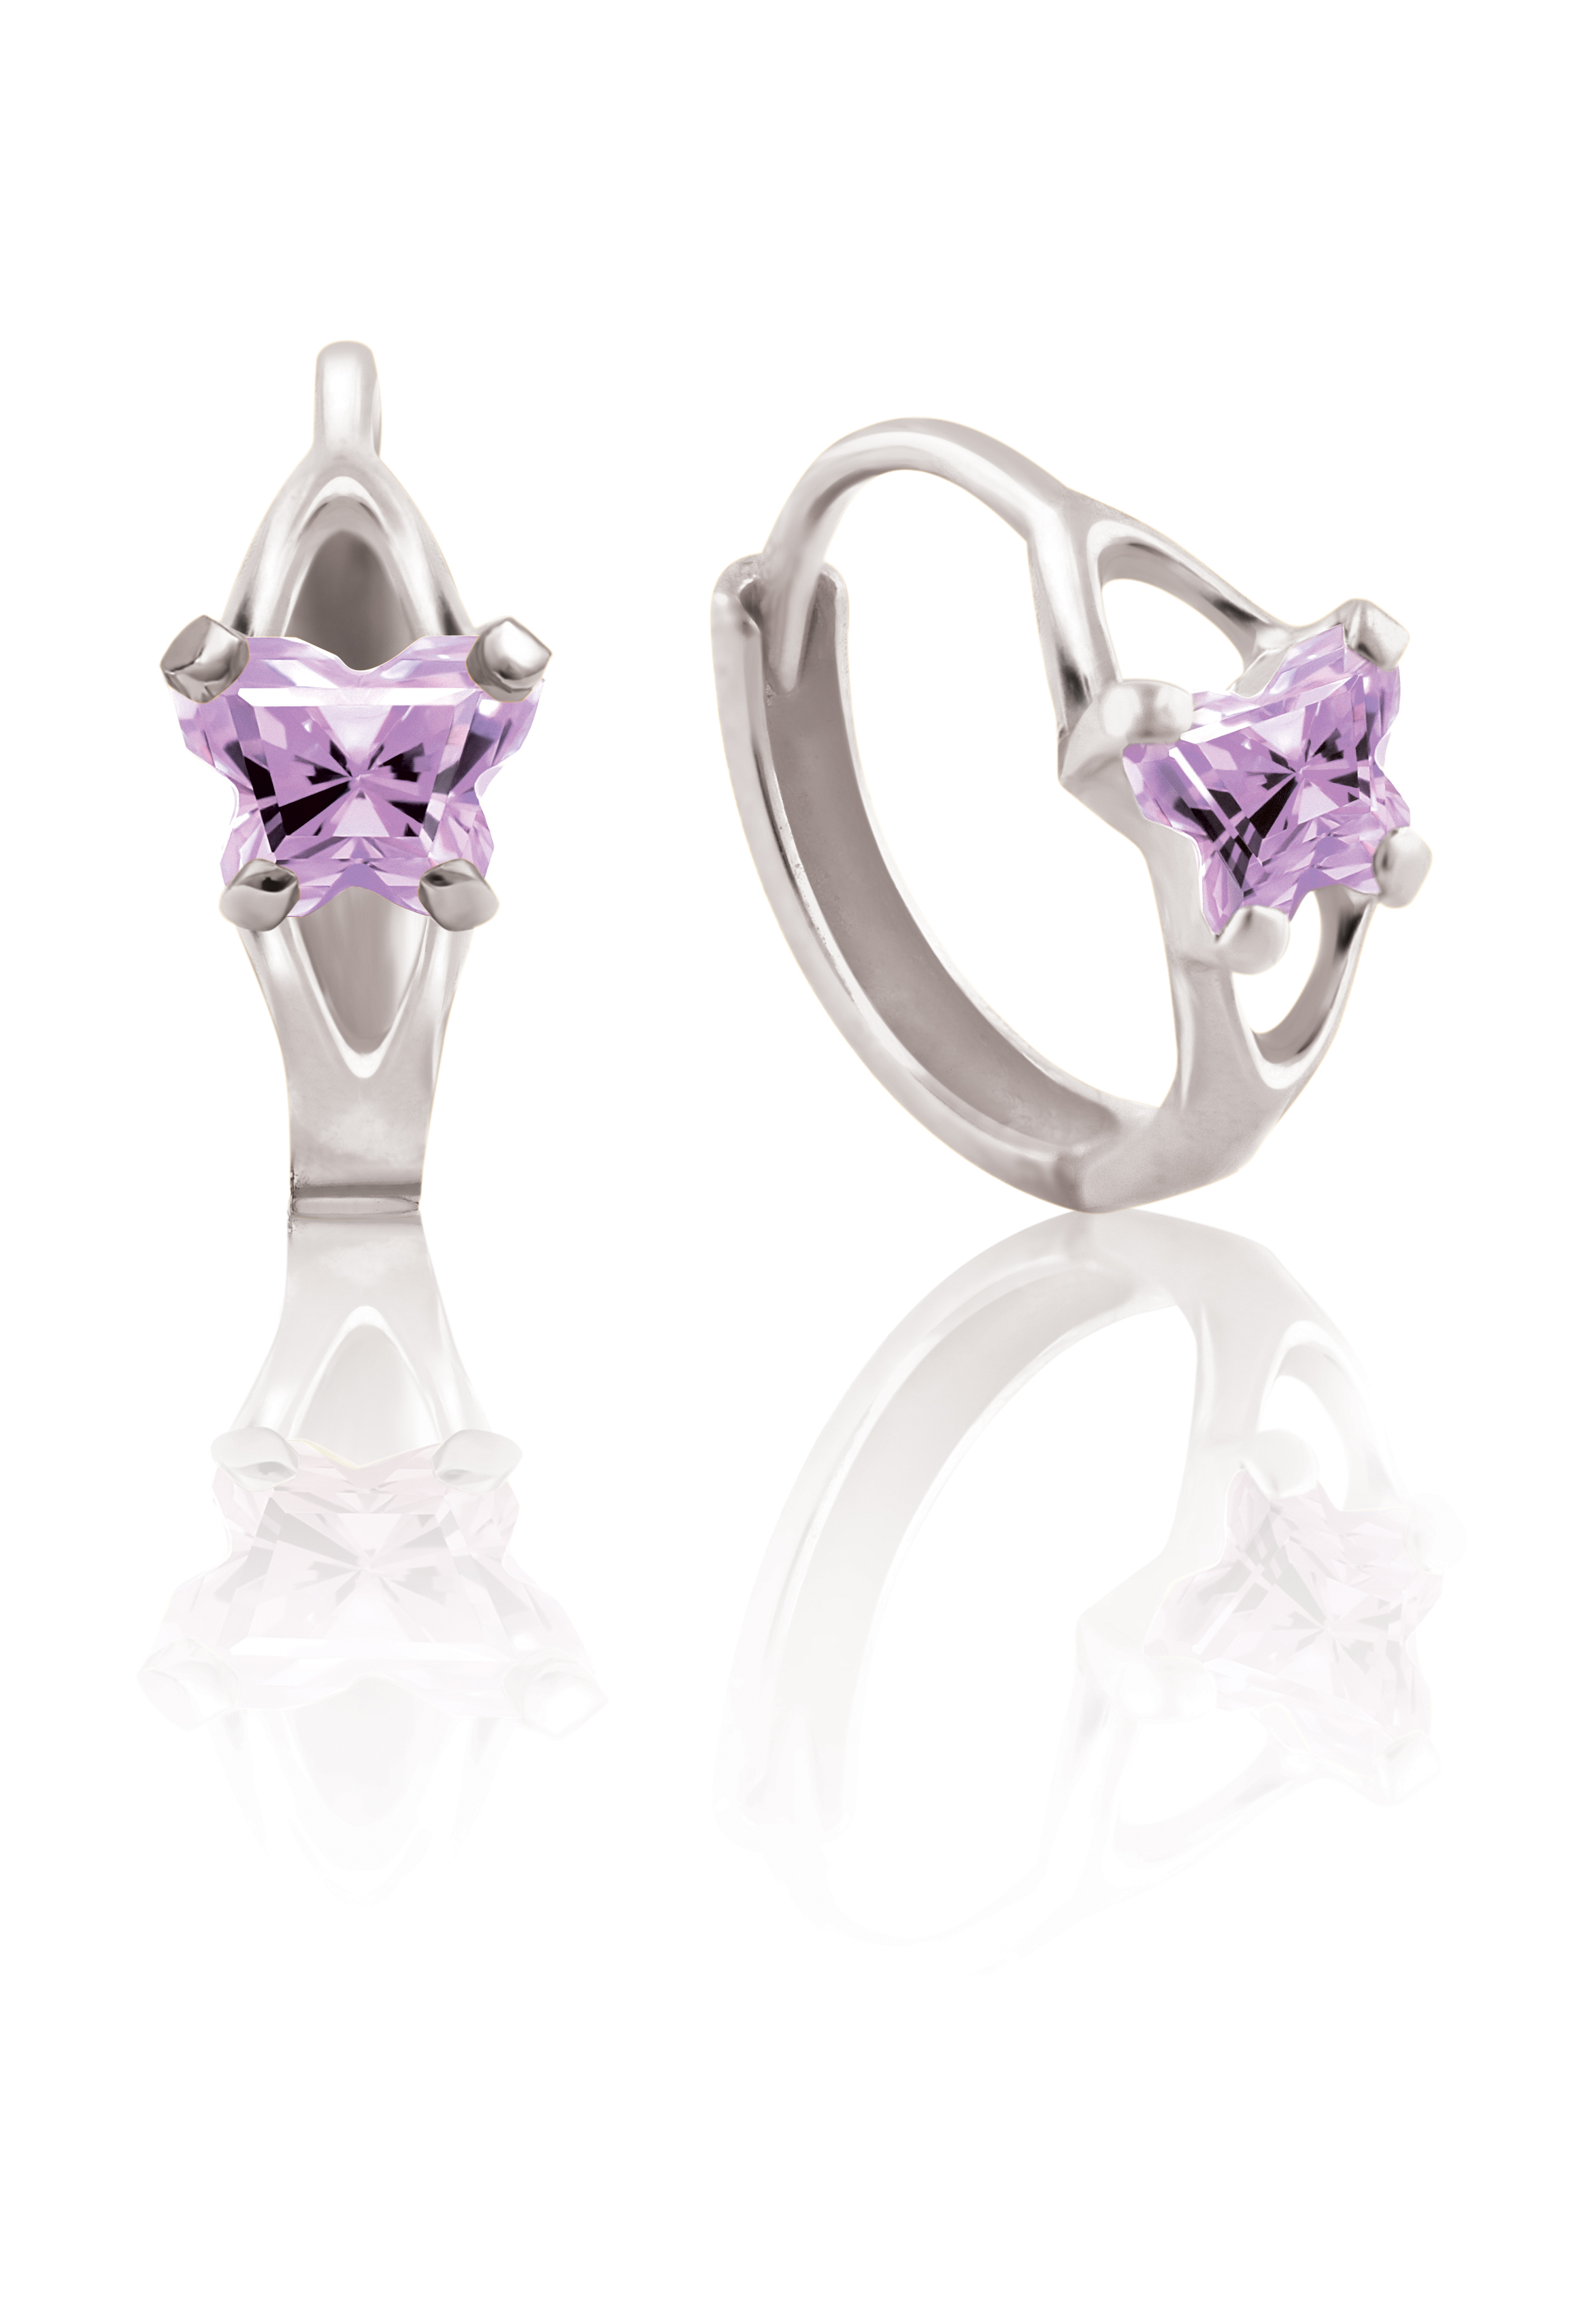 Boucles d'oreilles BFLY de genre Huggies pour bambins en argent sterling serties de zircons cubiques lila (mois de juin)